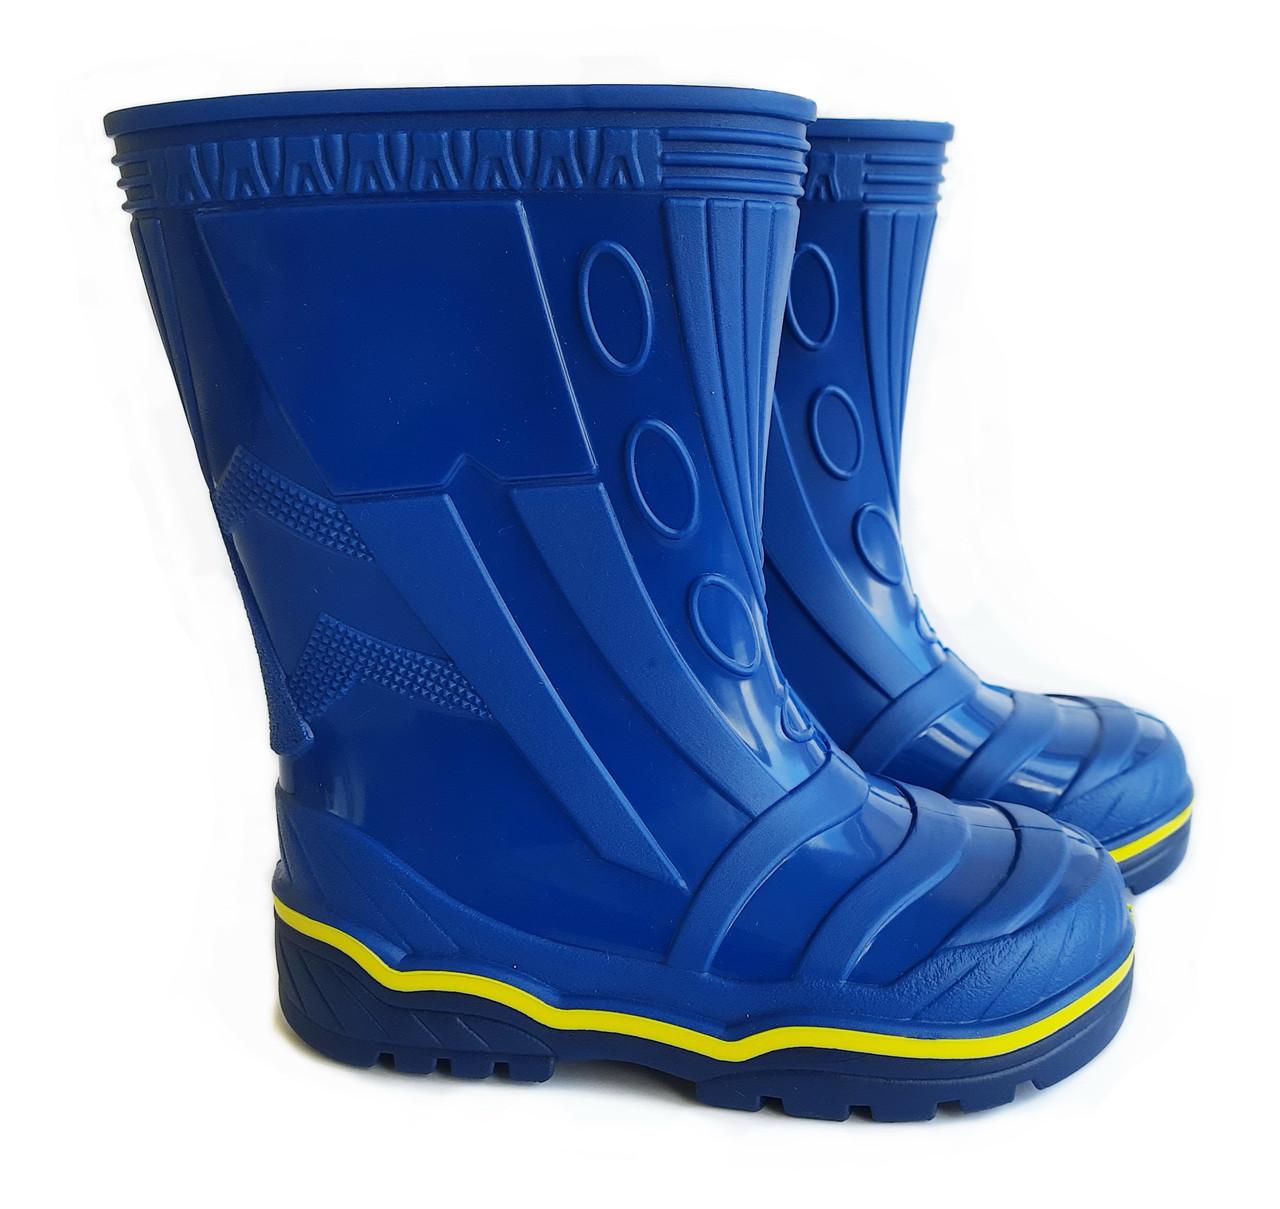 Резиновые сапоги детские синие Для мальчика | Размер 23-26 |